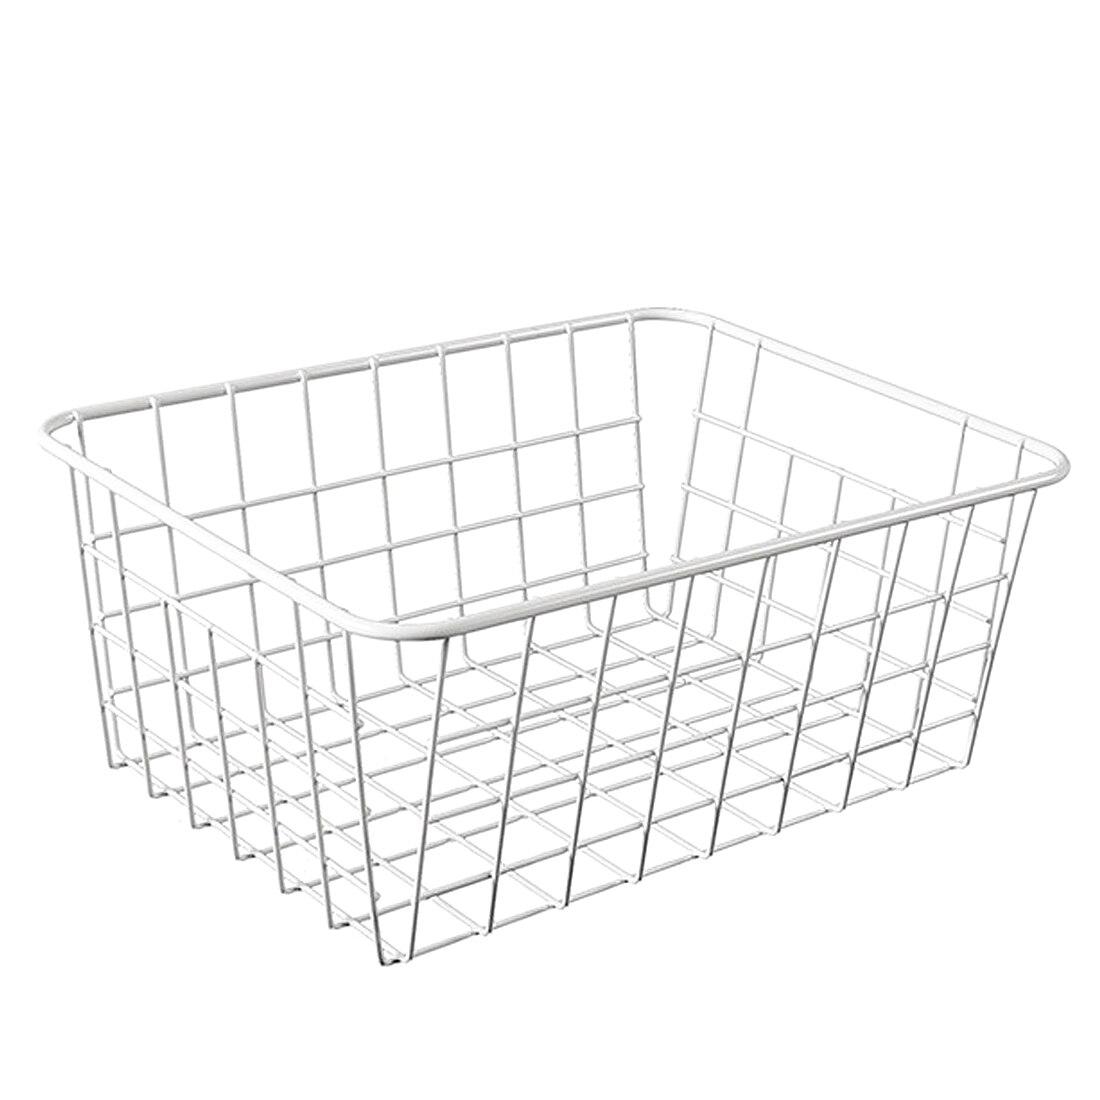 HIPSTEEN Household Iron Art Storage Basket Kitchen Bedroom Sundries Snacks Organizer Basket Black White in Storage Baskets from Home Garden